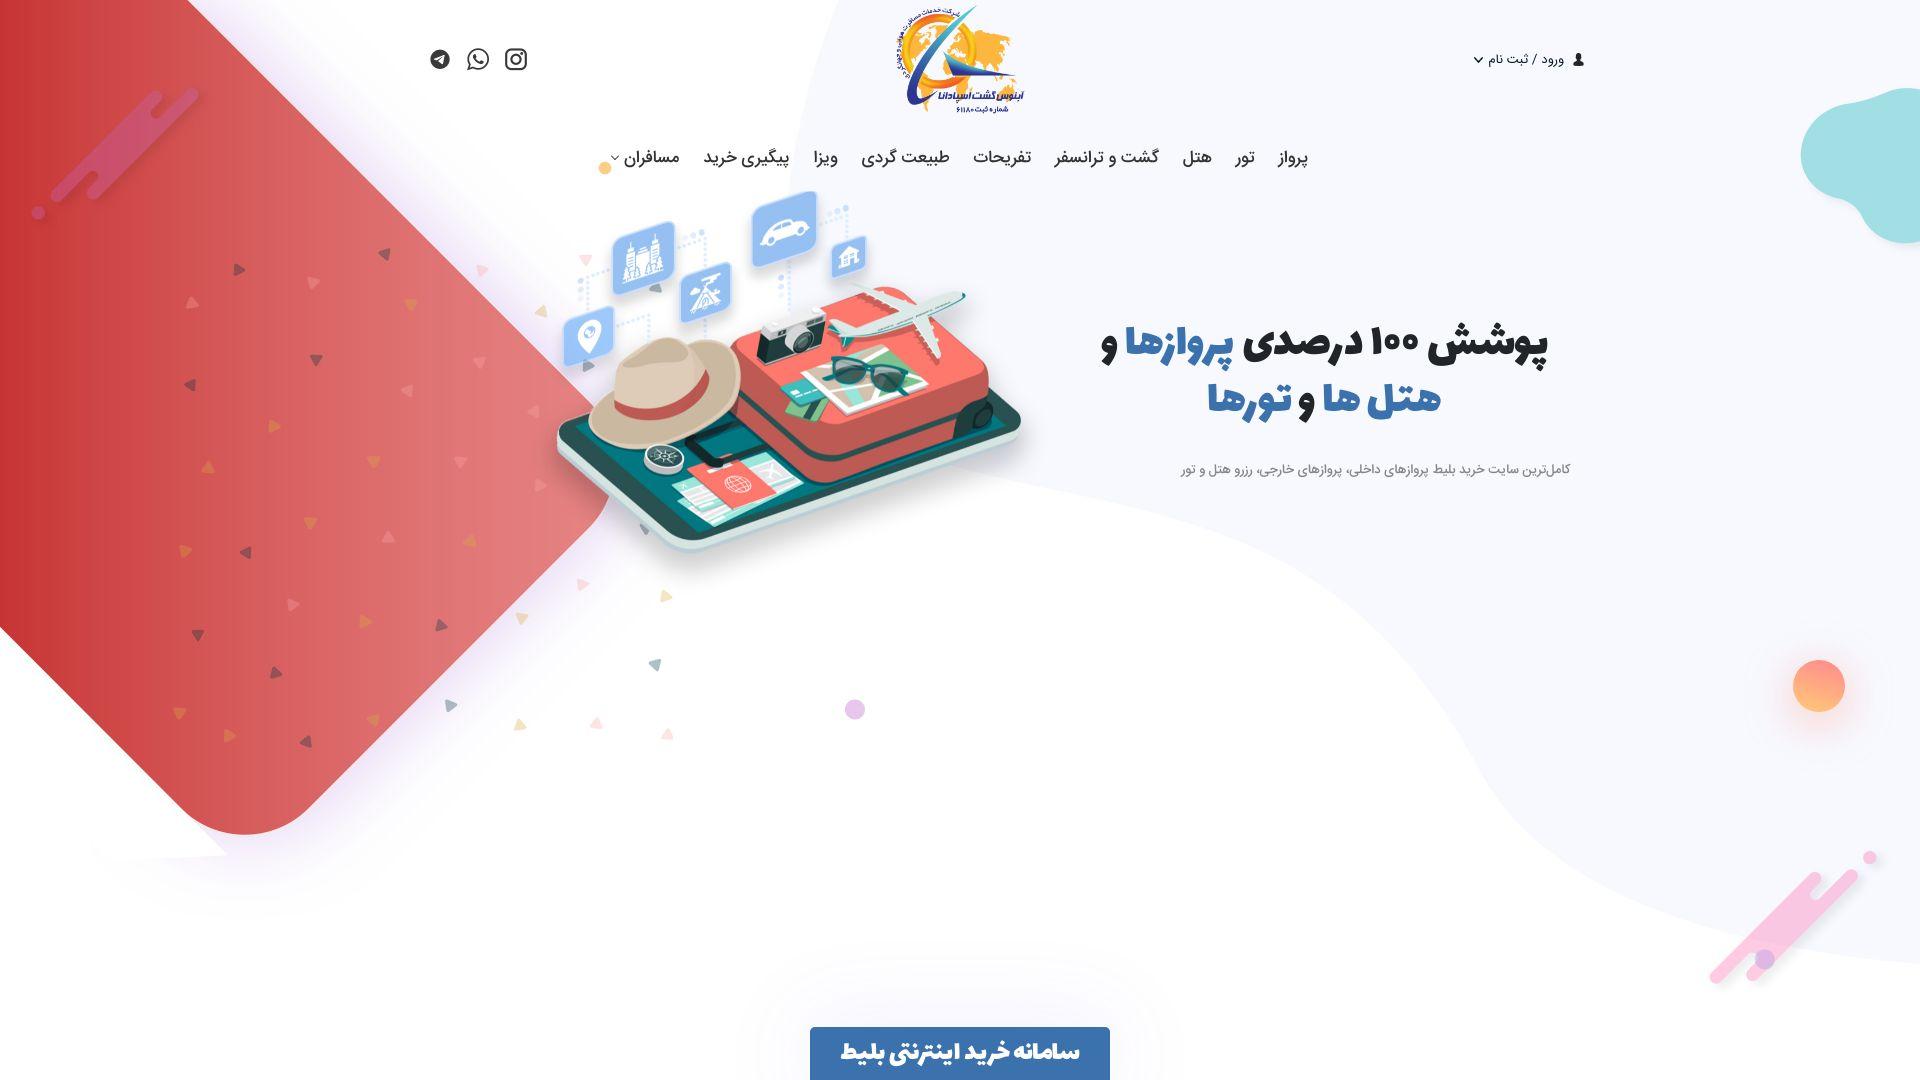 طراحی سیستم - طراحی سایت آژانس مسافرتی آبنوس گشت اسپادانا